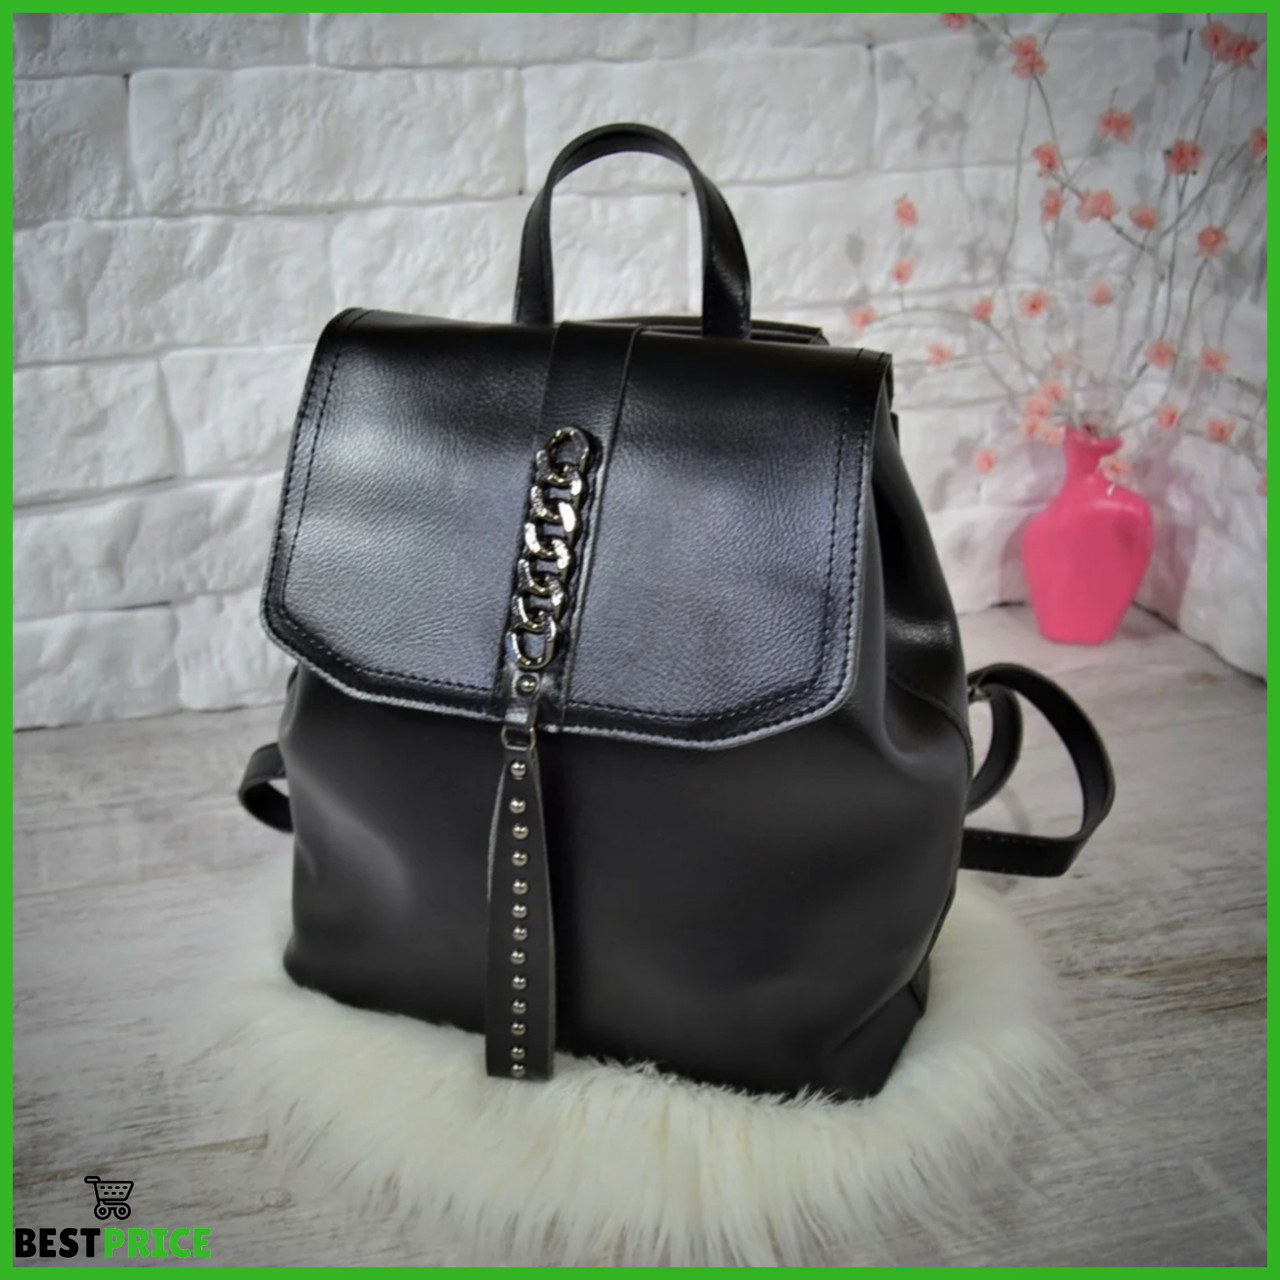 Женский рюкзак-сумка Джессика с клапаном .Черный